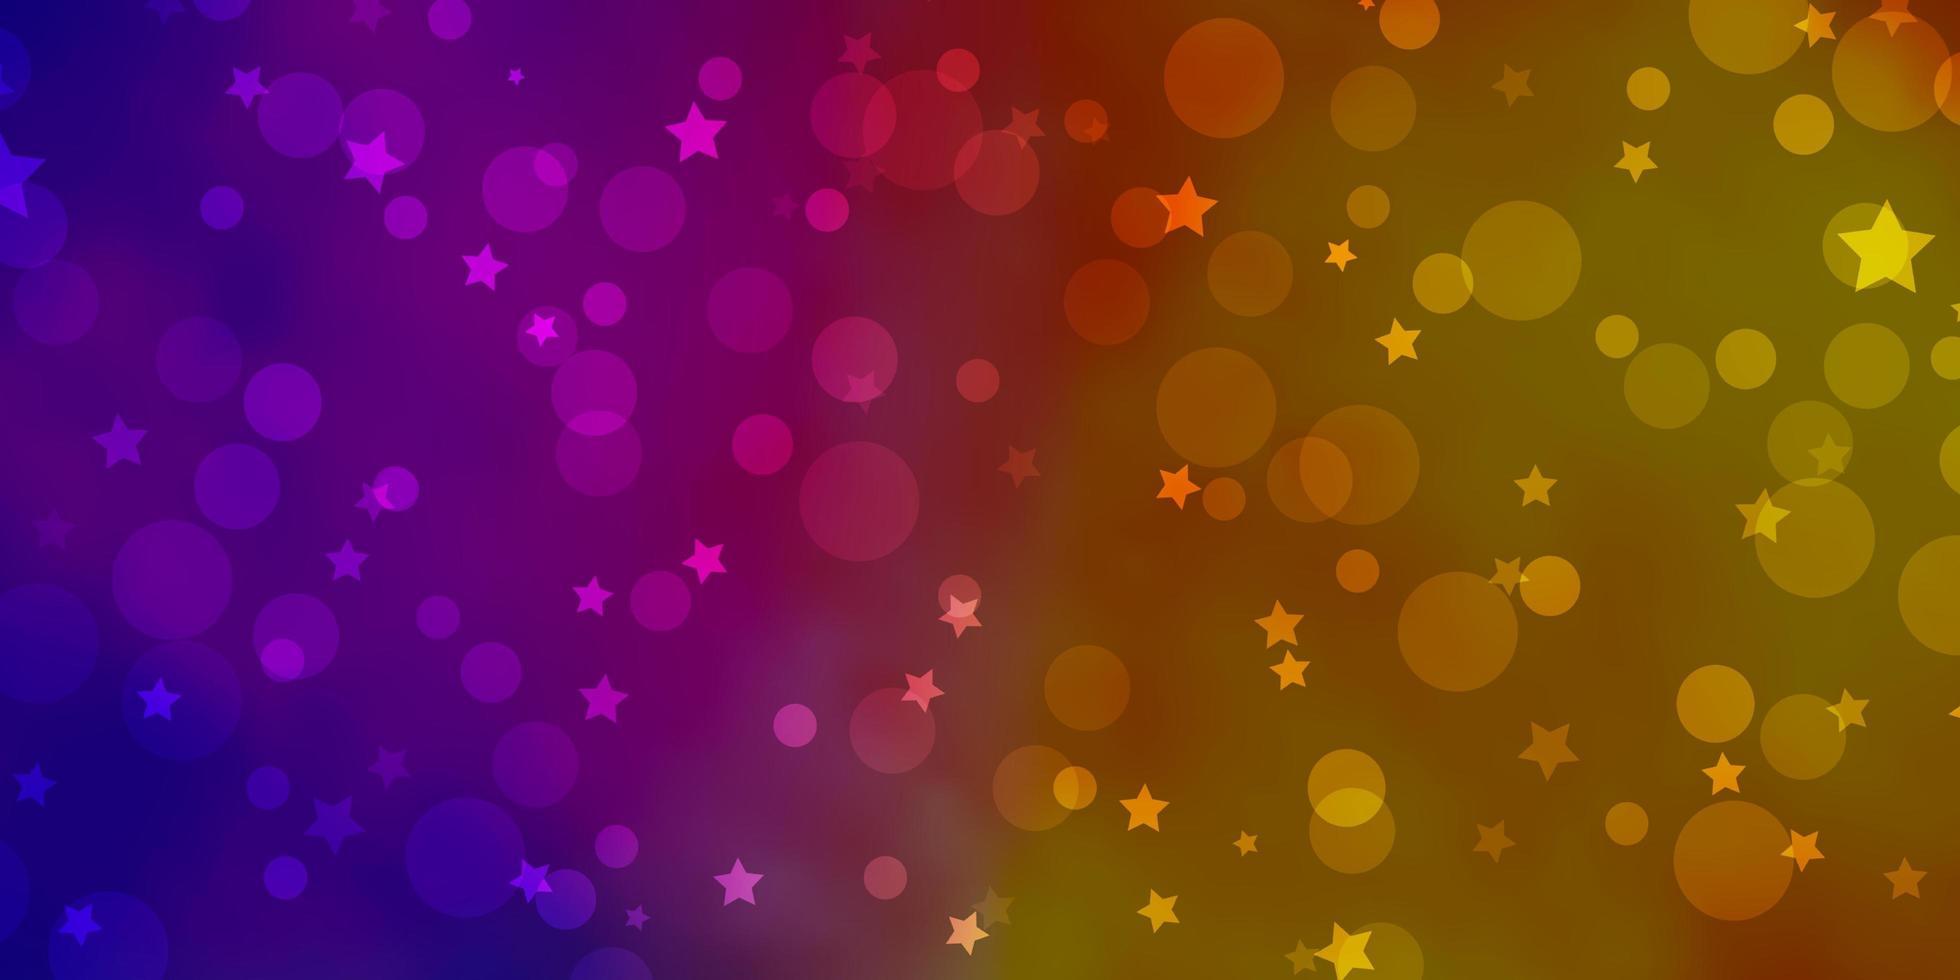 lichtroze, geel vectorpatroon met cirkels, sterren. vector